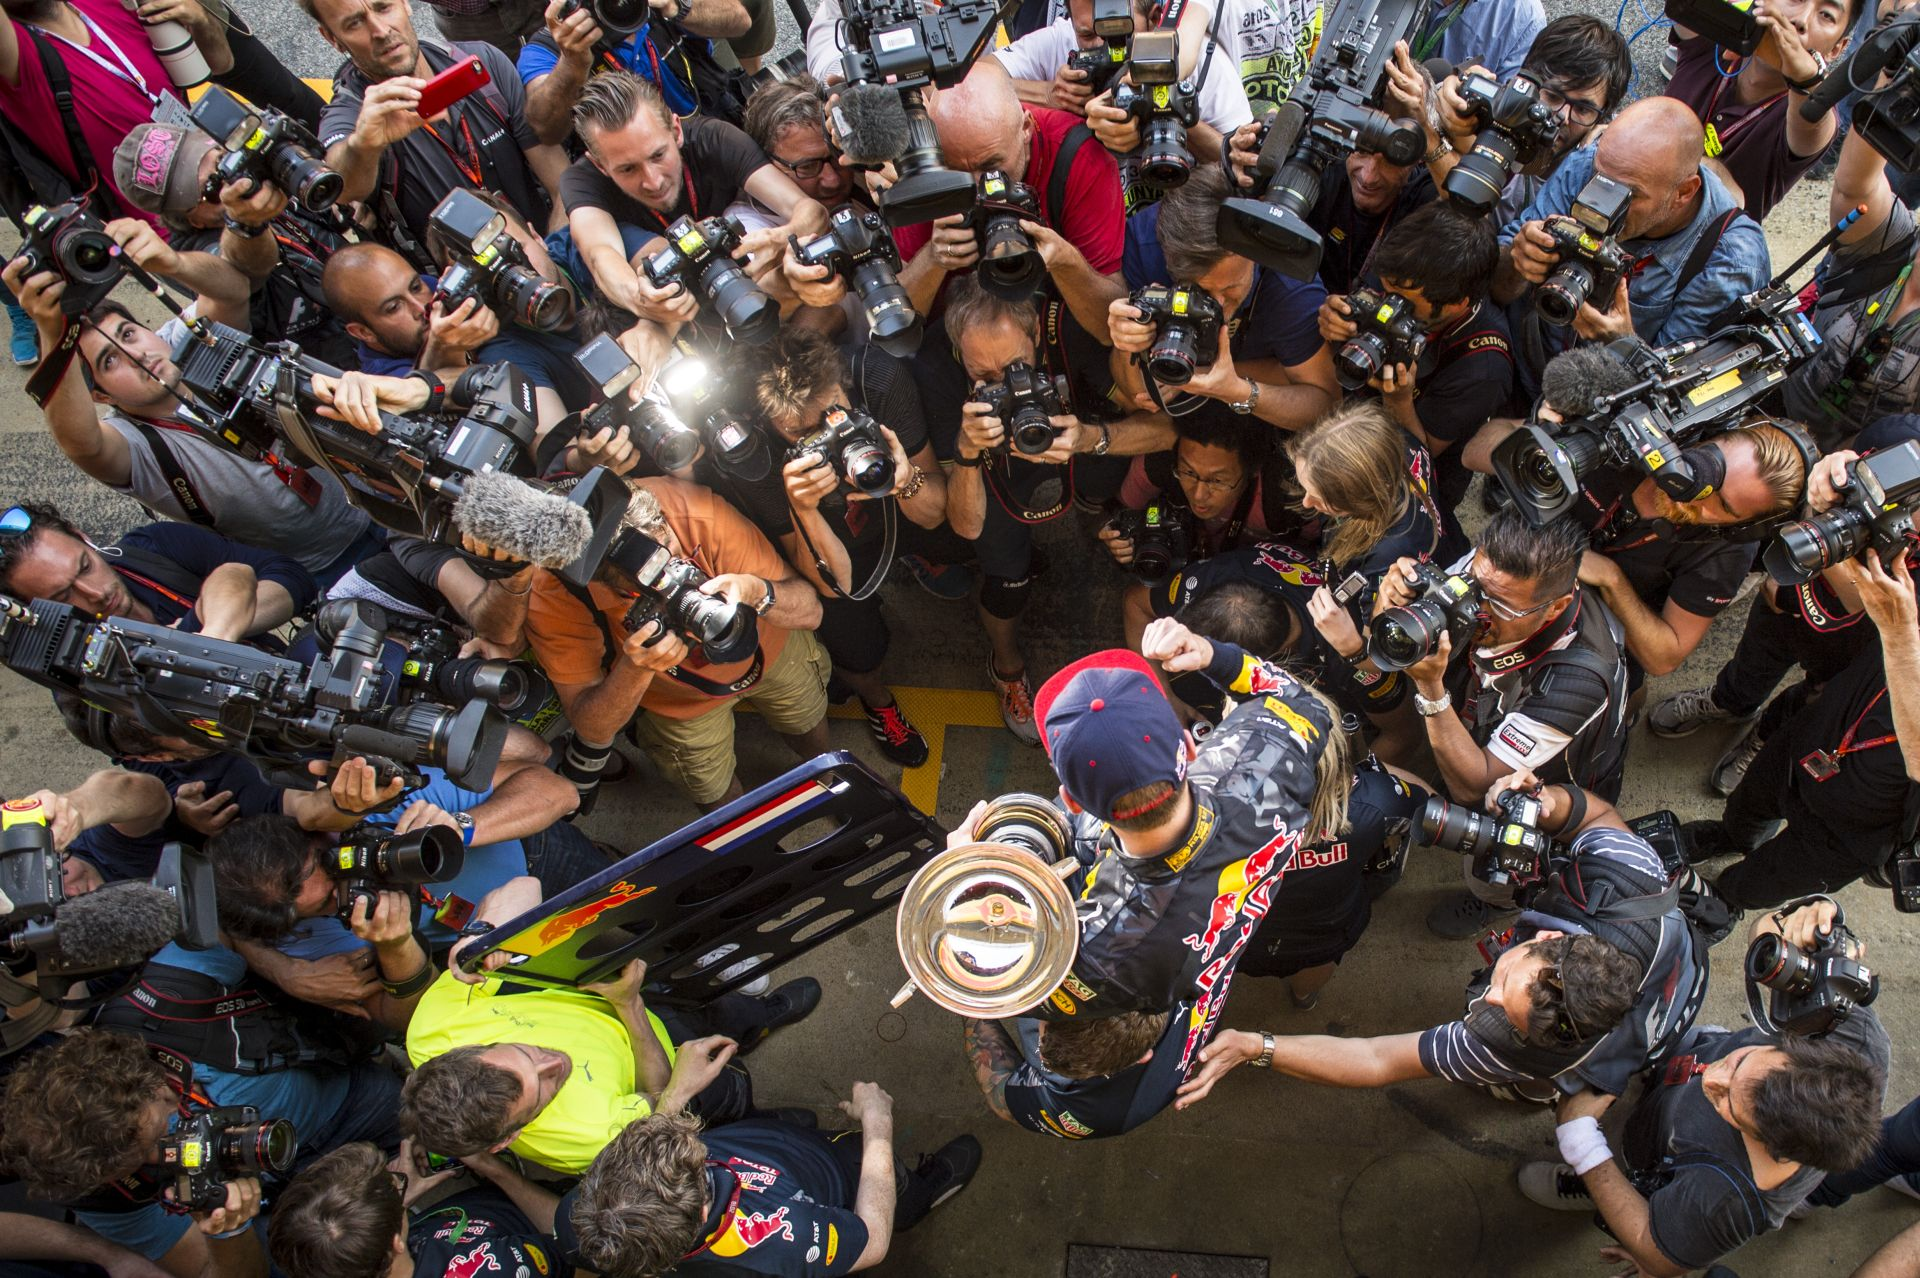 Verstappen bebetonozta magát az F1 világába, követve Vettel útját